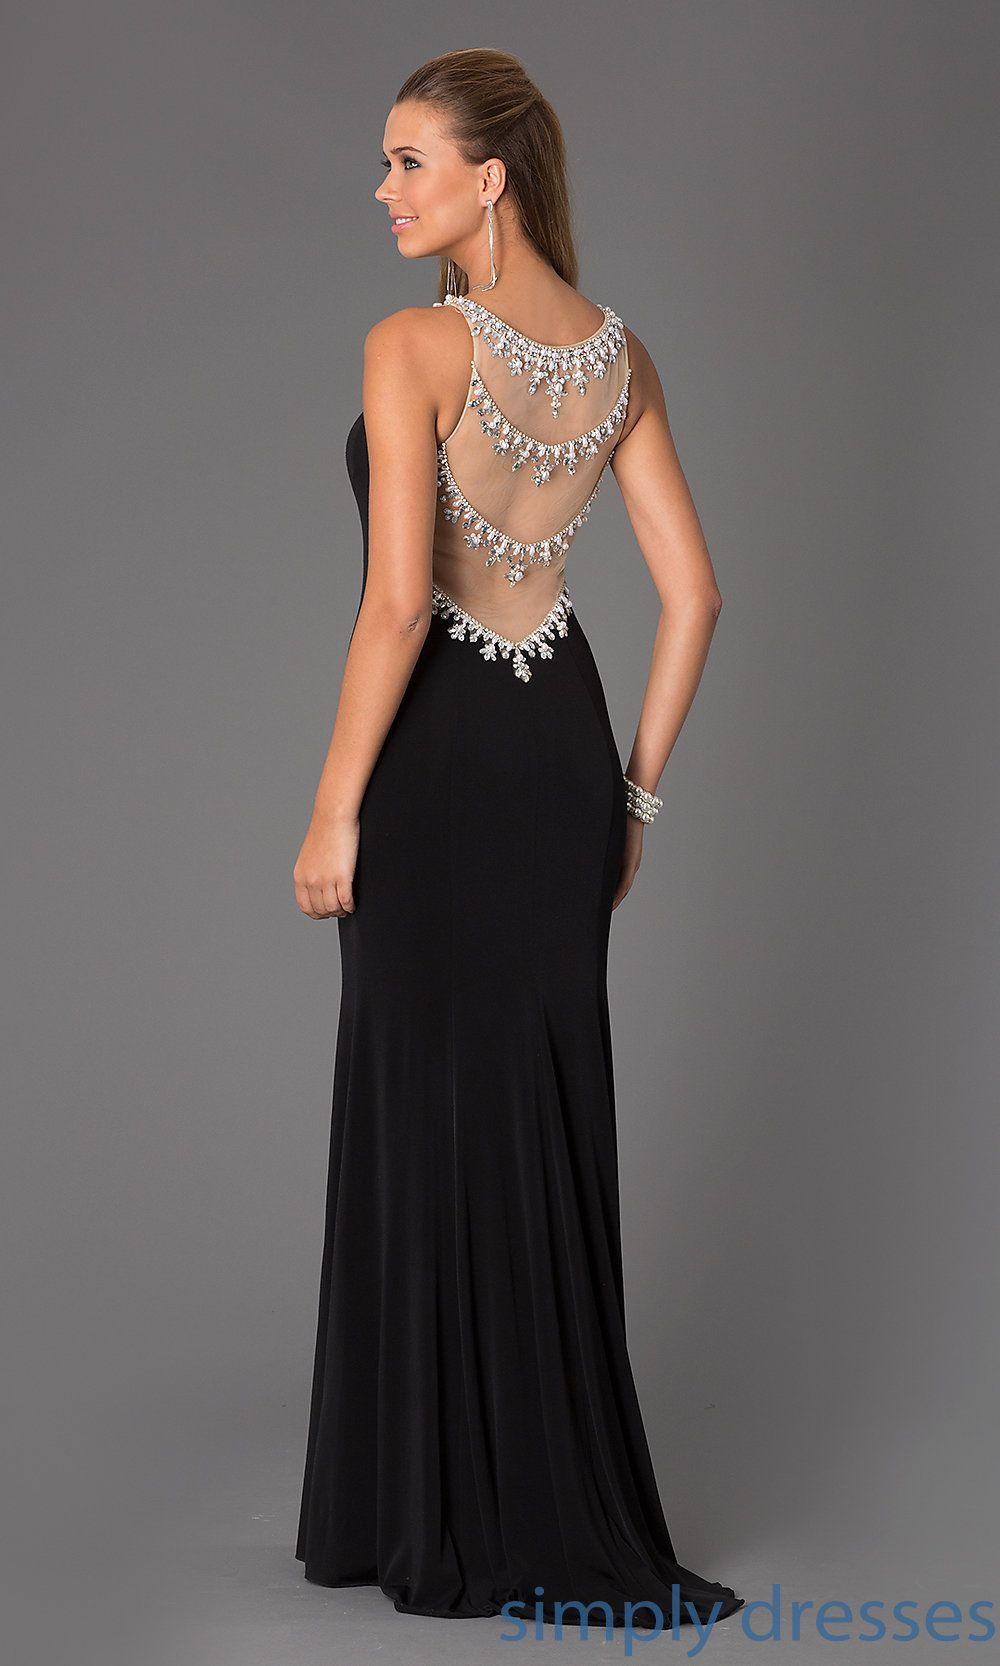 Jojvnjvn black long formal jersey formal gown prom dress